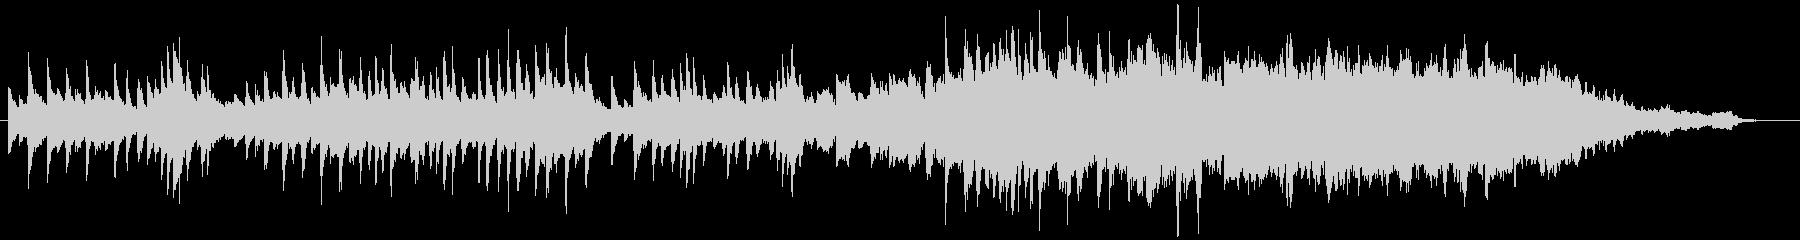 【生】ピアノ協奏曲風=緩いソロから弦の未再生の波形